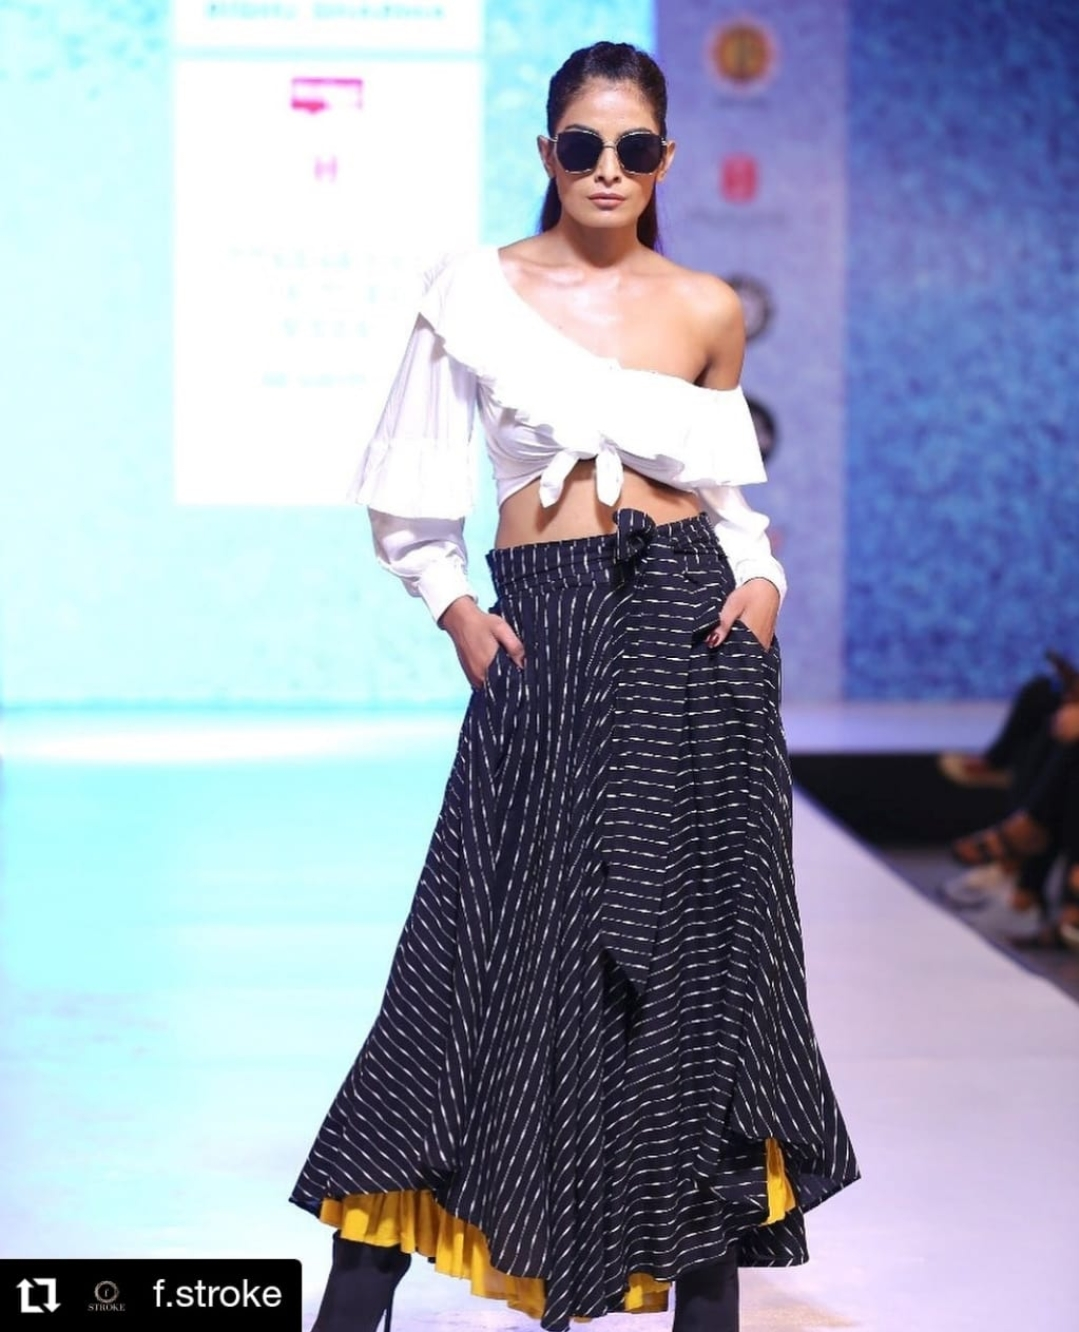 YASH MODELS - Best Modeling Agency   International Models